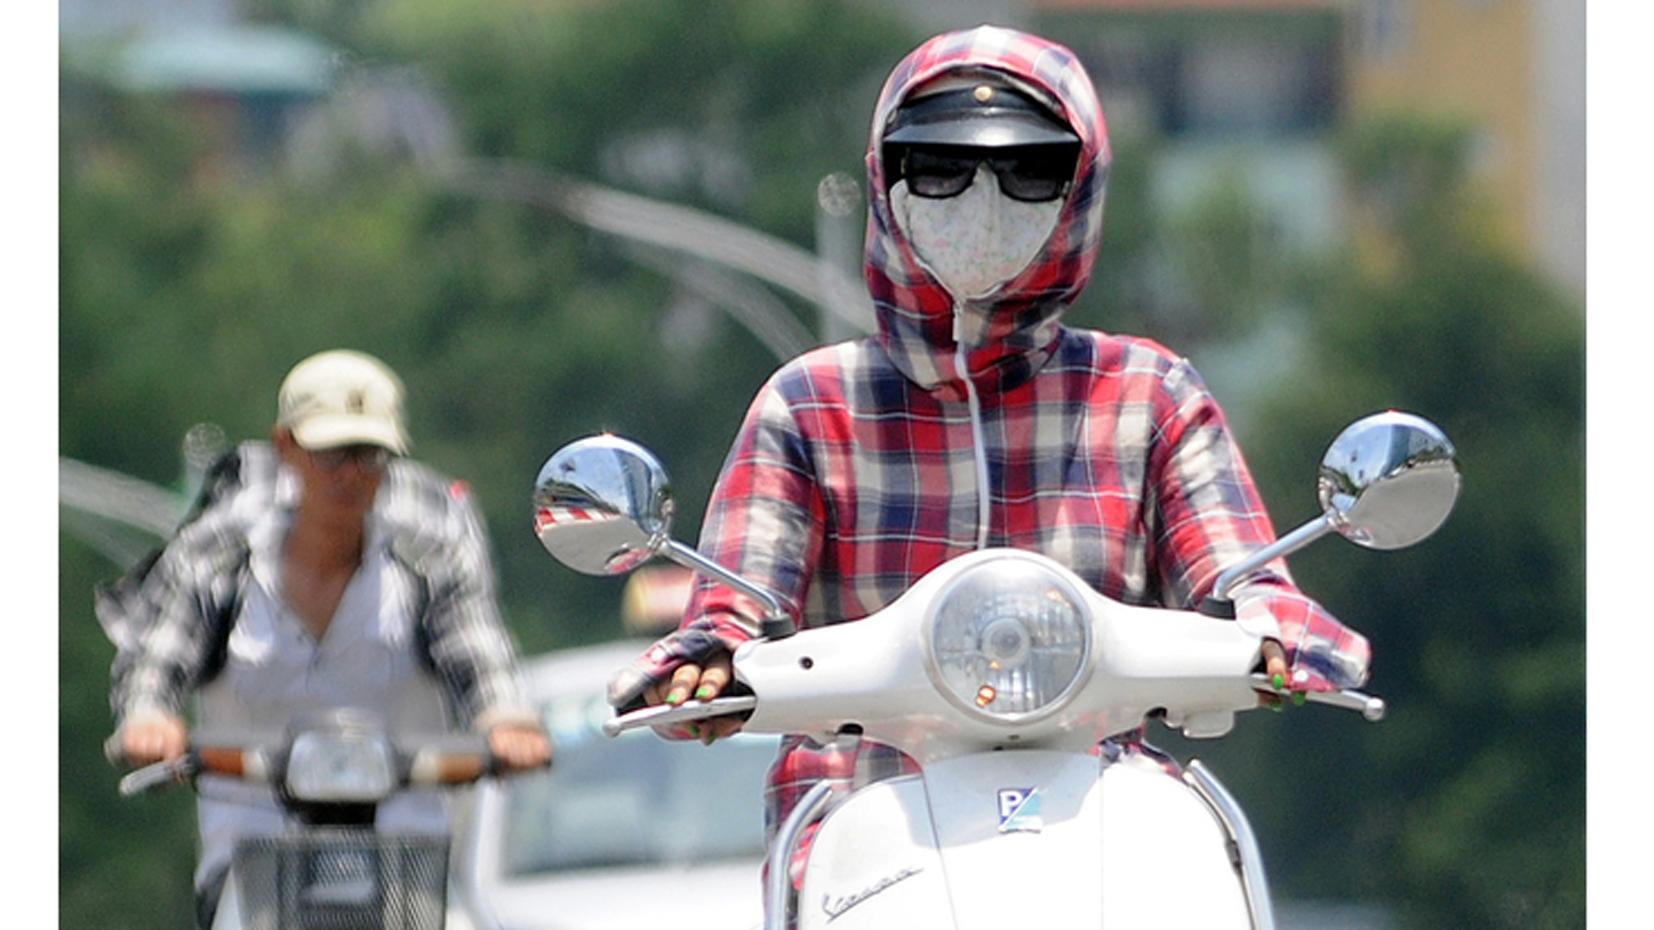 Le Vietnam fait face à une nouvelle vague de chaleur et les températures atteignent les 40°C